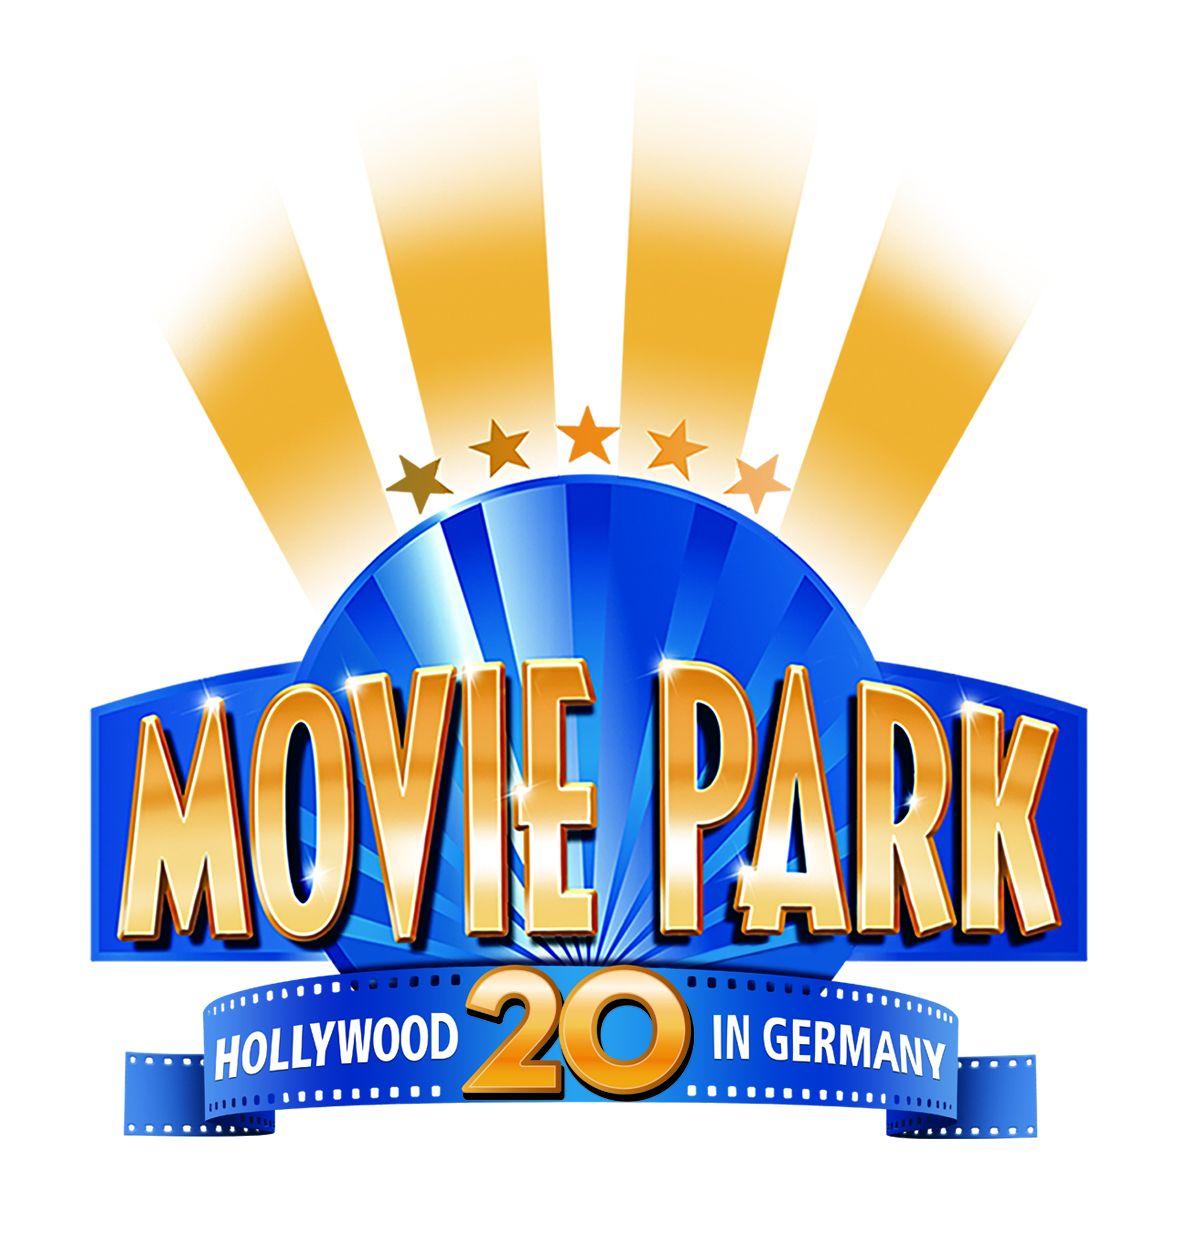 Movie Park / KiK - 50% auf Erw.-Preis max. 4 Personen durch Flyer(code)